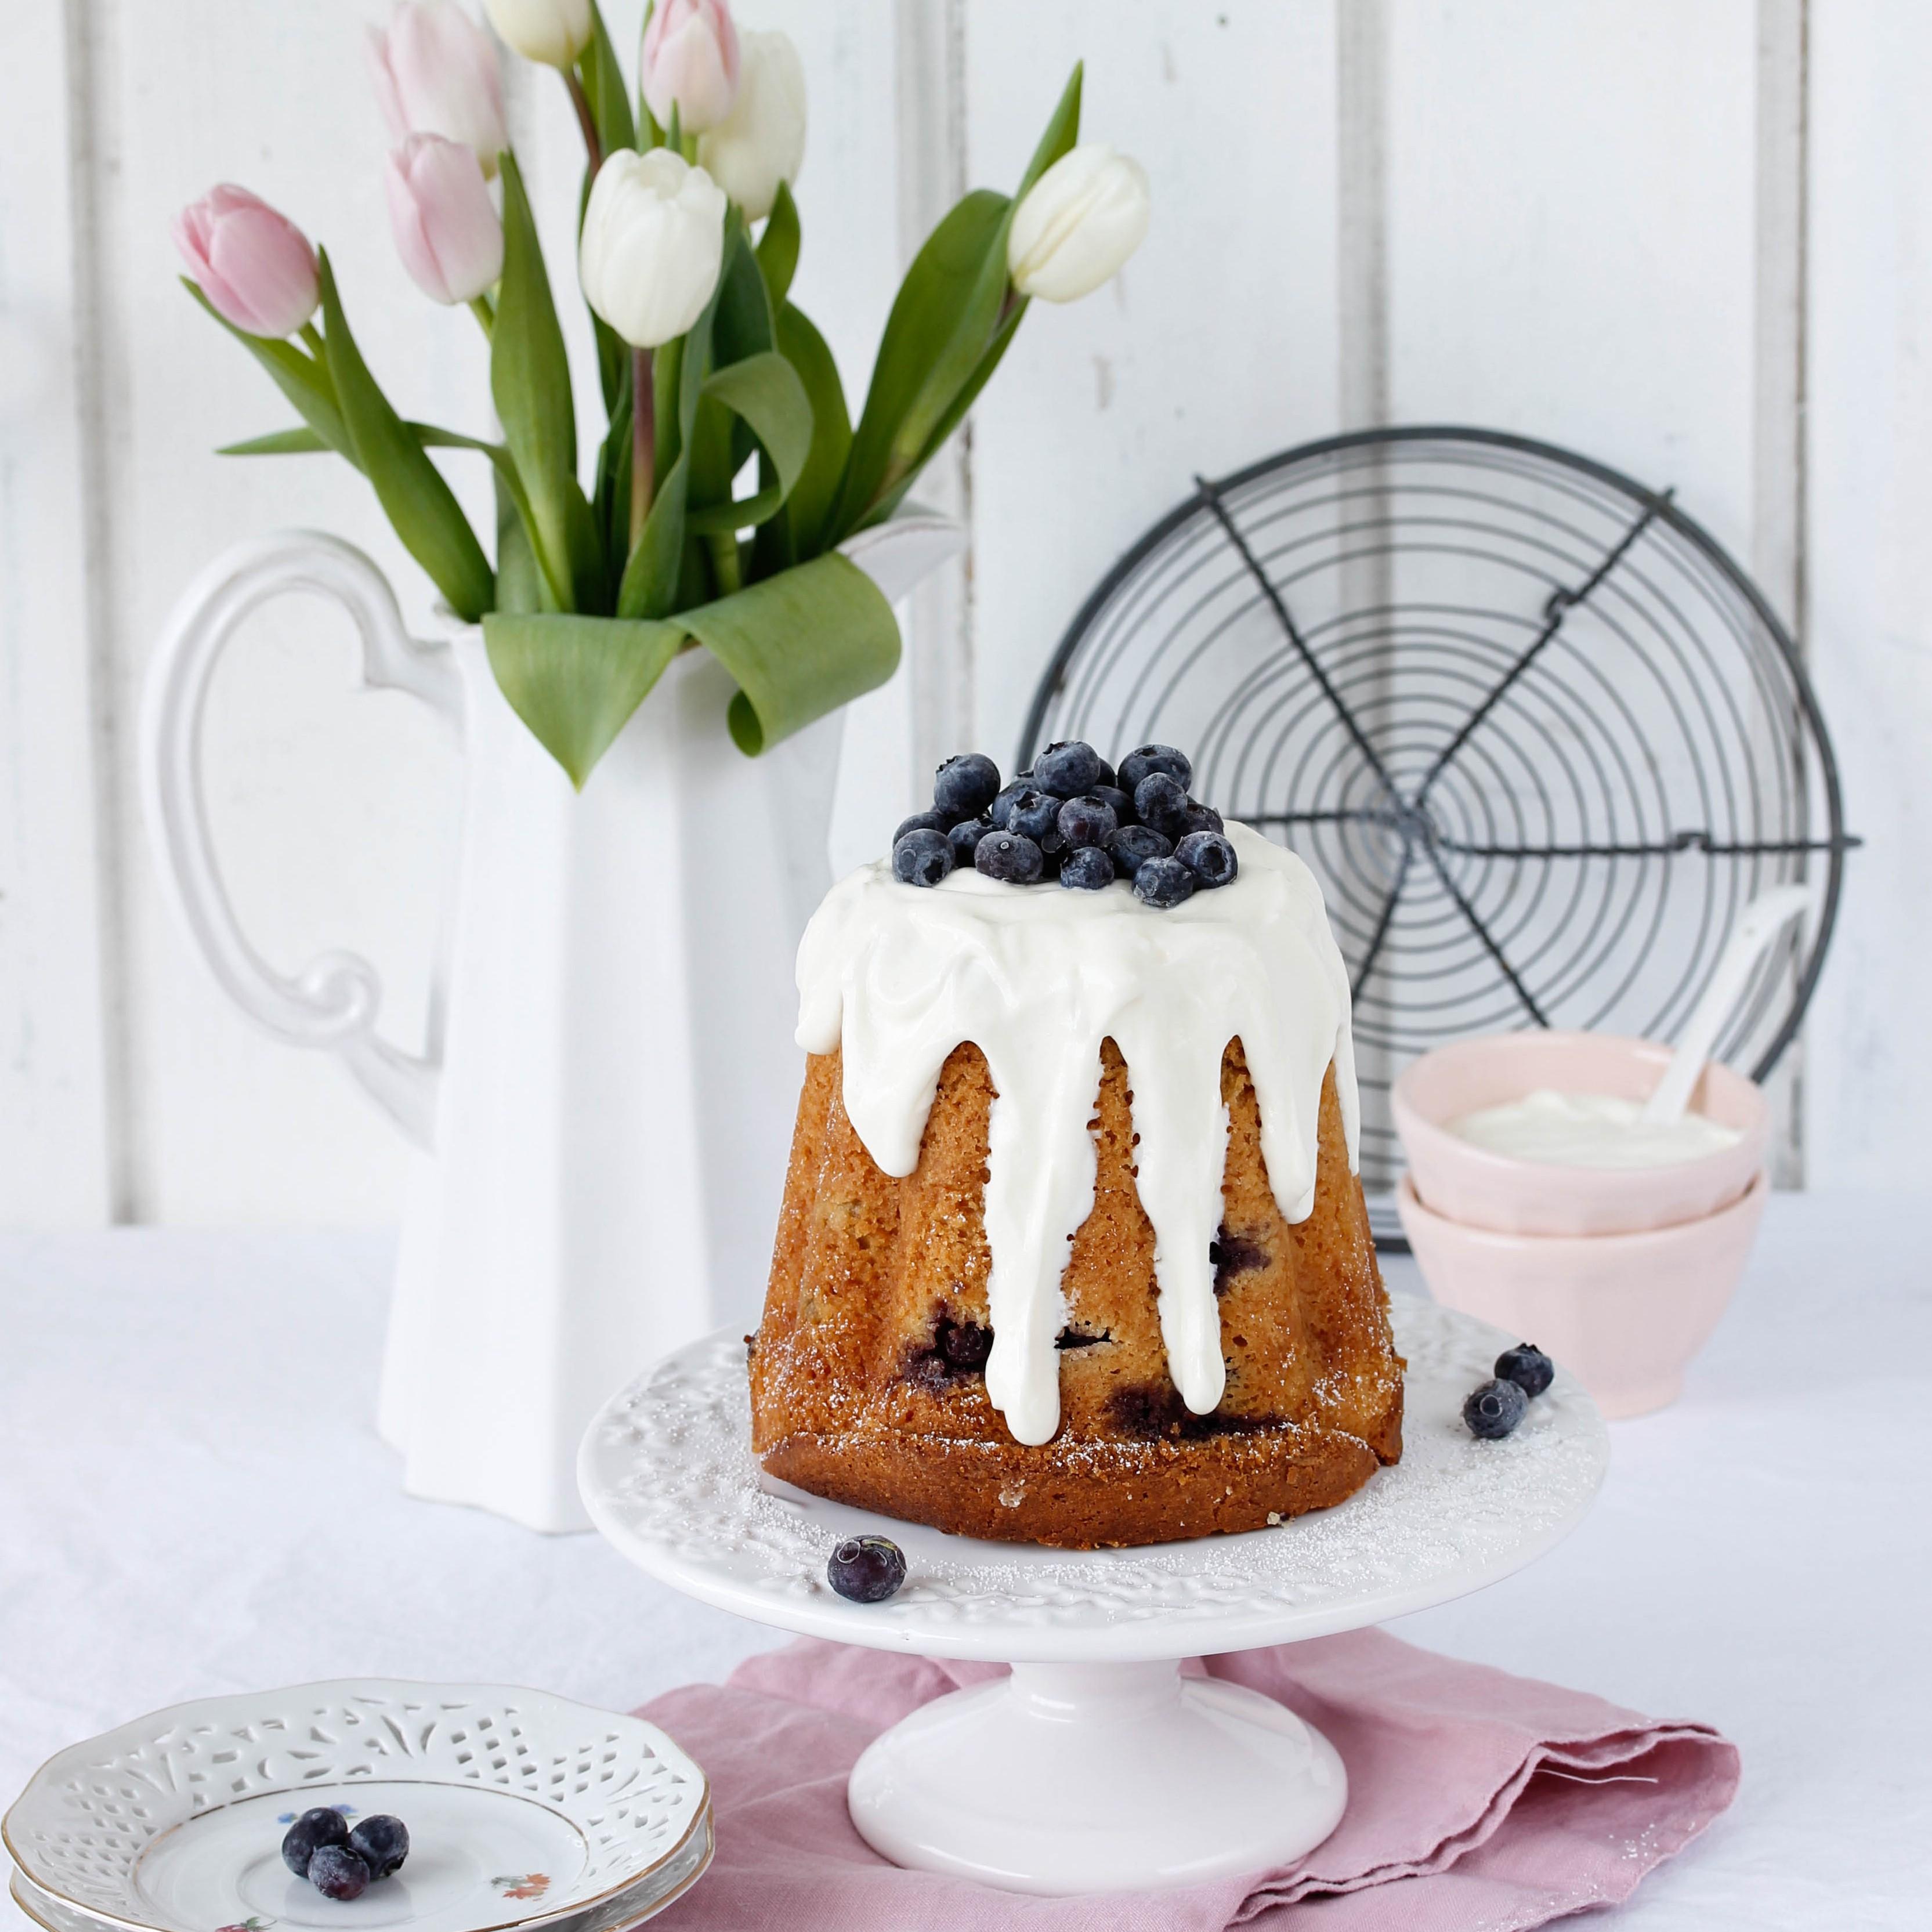 Rezept: Einfacher Blaubeer Gugelhupf mit Eierlikör backen Ostern Kuchen Rührkuchen lecker Osterkuchen Heidelbeeren #cake #bundtcake #kuchen #blaubeeren | Emma´s Lieblingsstücke